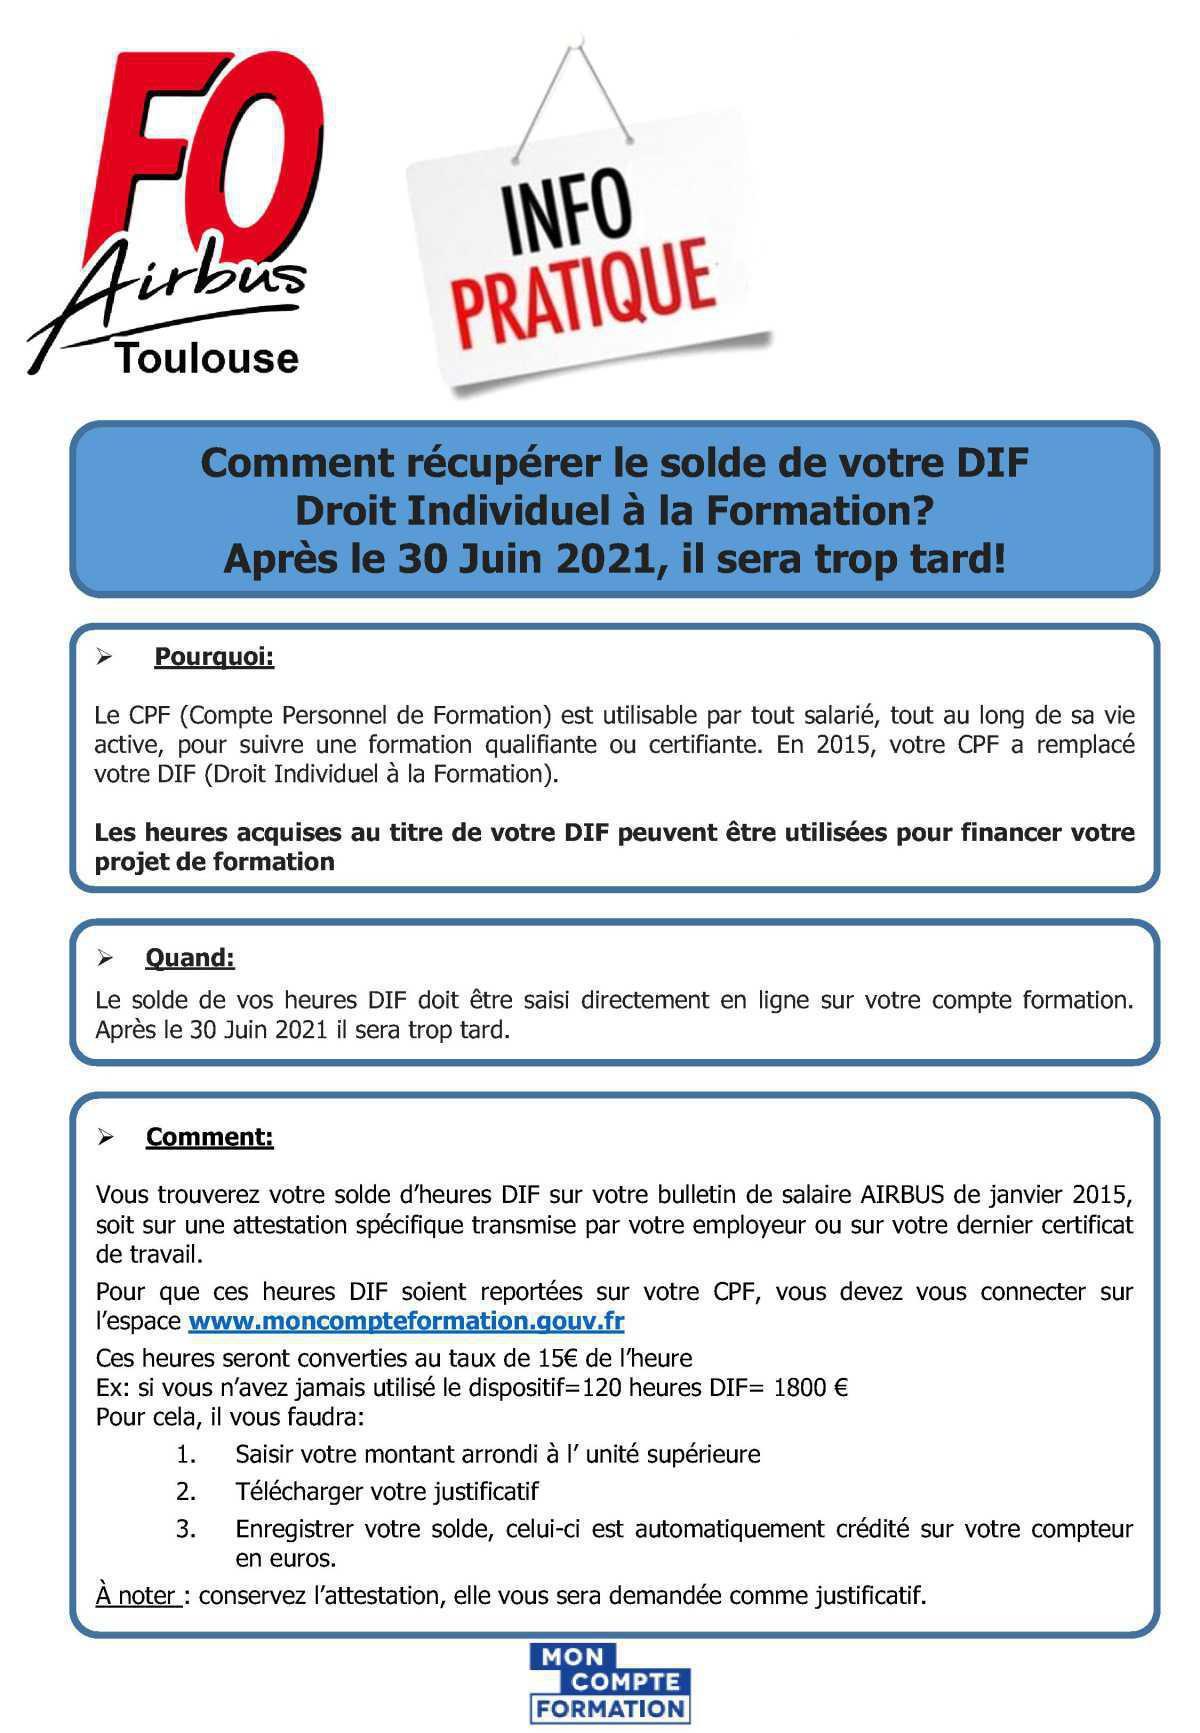 Comment récupérer le solde de votre DIF (Droit individuel à la Formation)? Après le 30 Juin 2021, il sera trop tard!